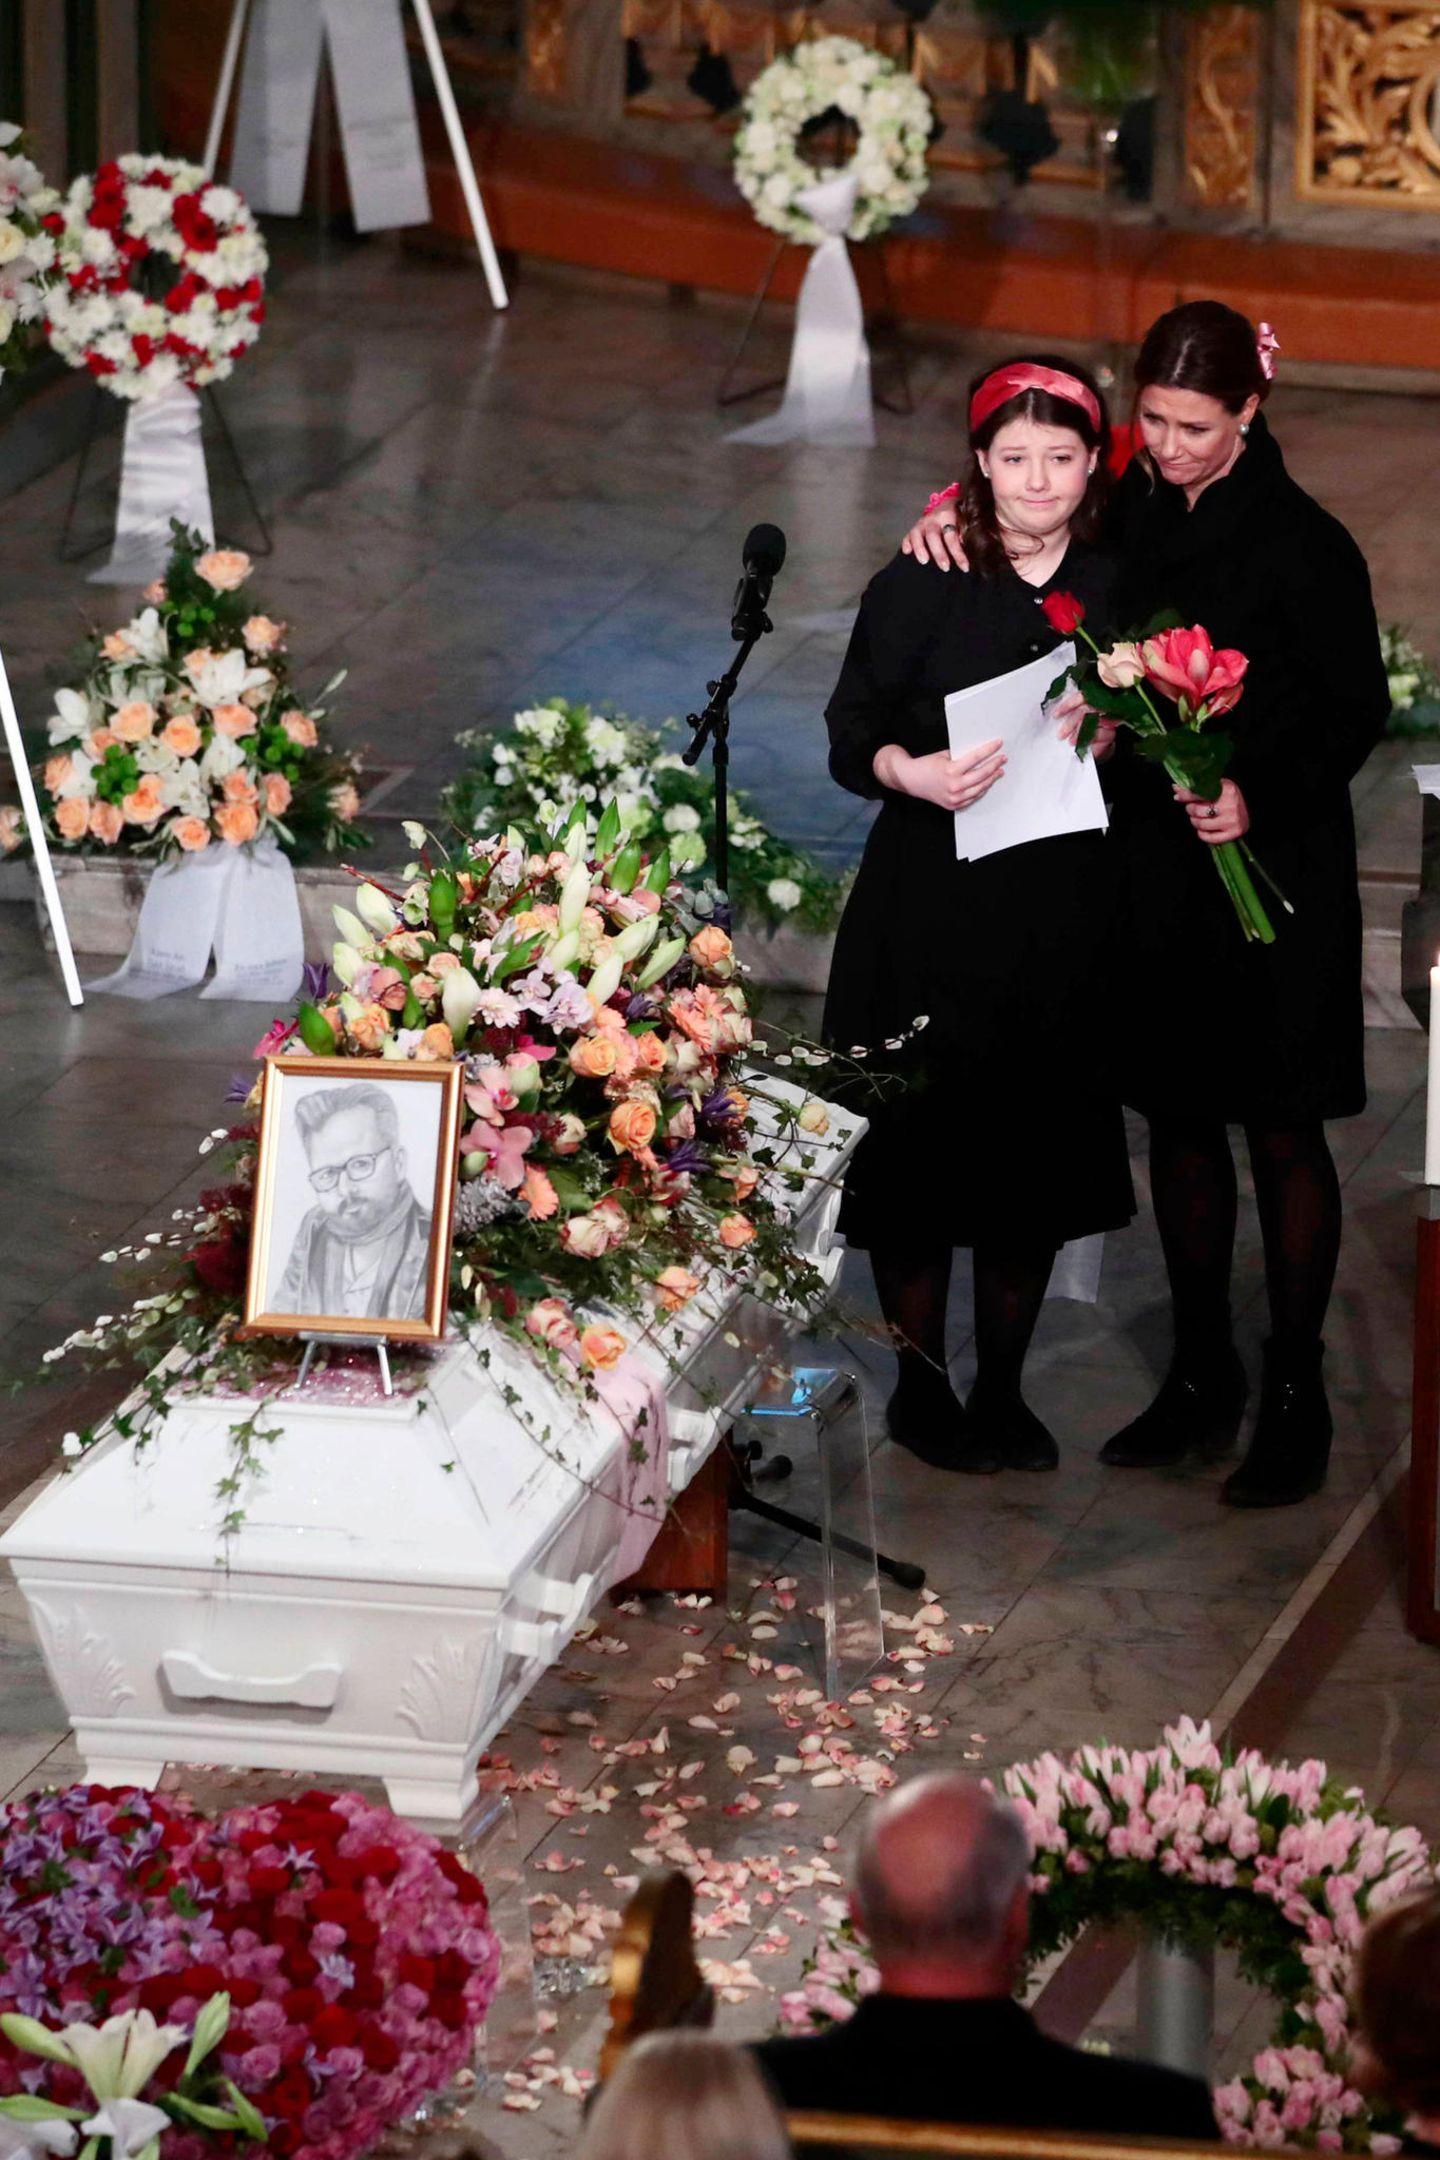 Maud Angelica wird von ihrer Mutter Prinzessin Märtha Louise gehalten, nachdem sie herzergreifende Worte an ihren verstorbenen Vater gerichtet hat. Das Bild auf dem Sarg hat sie für Ari Behn gezeichnet;es sollte ein Weihnachtsgeschenk sein.